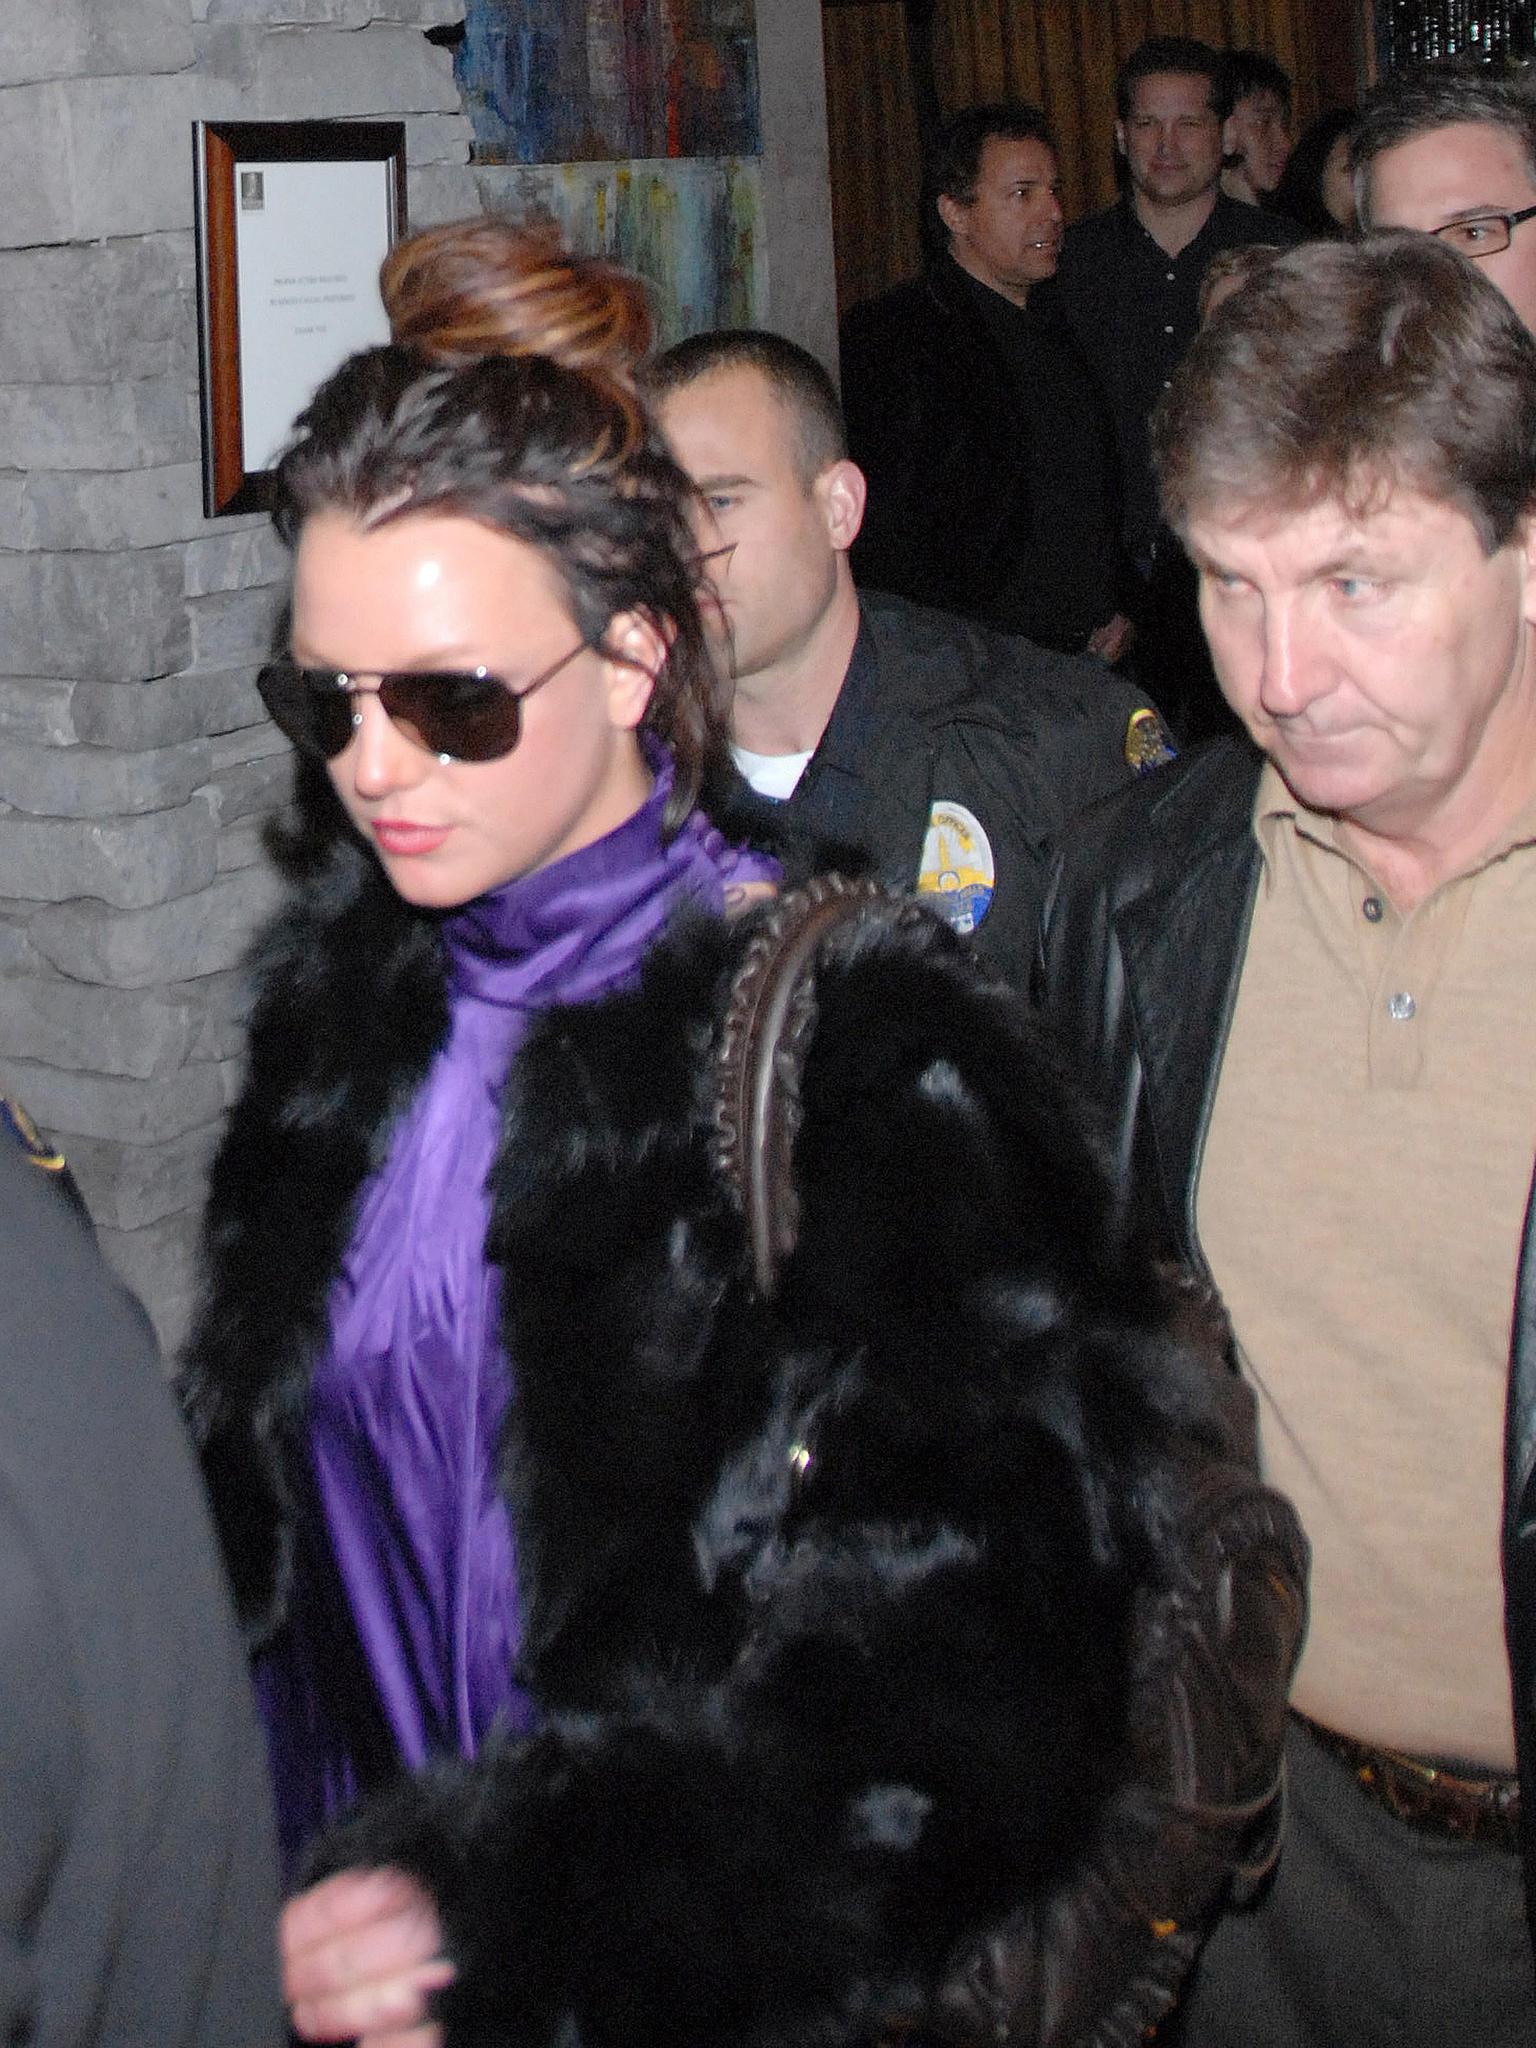 Jamie Spears ist der Vormund seiner Tochter Britney - ohne seine Zustimmung darf sie keine lebensverändernden Entscheidungen treffen.